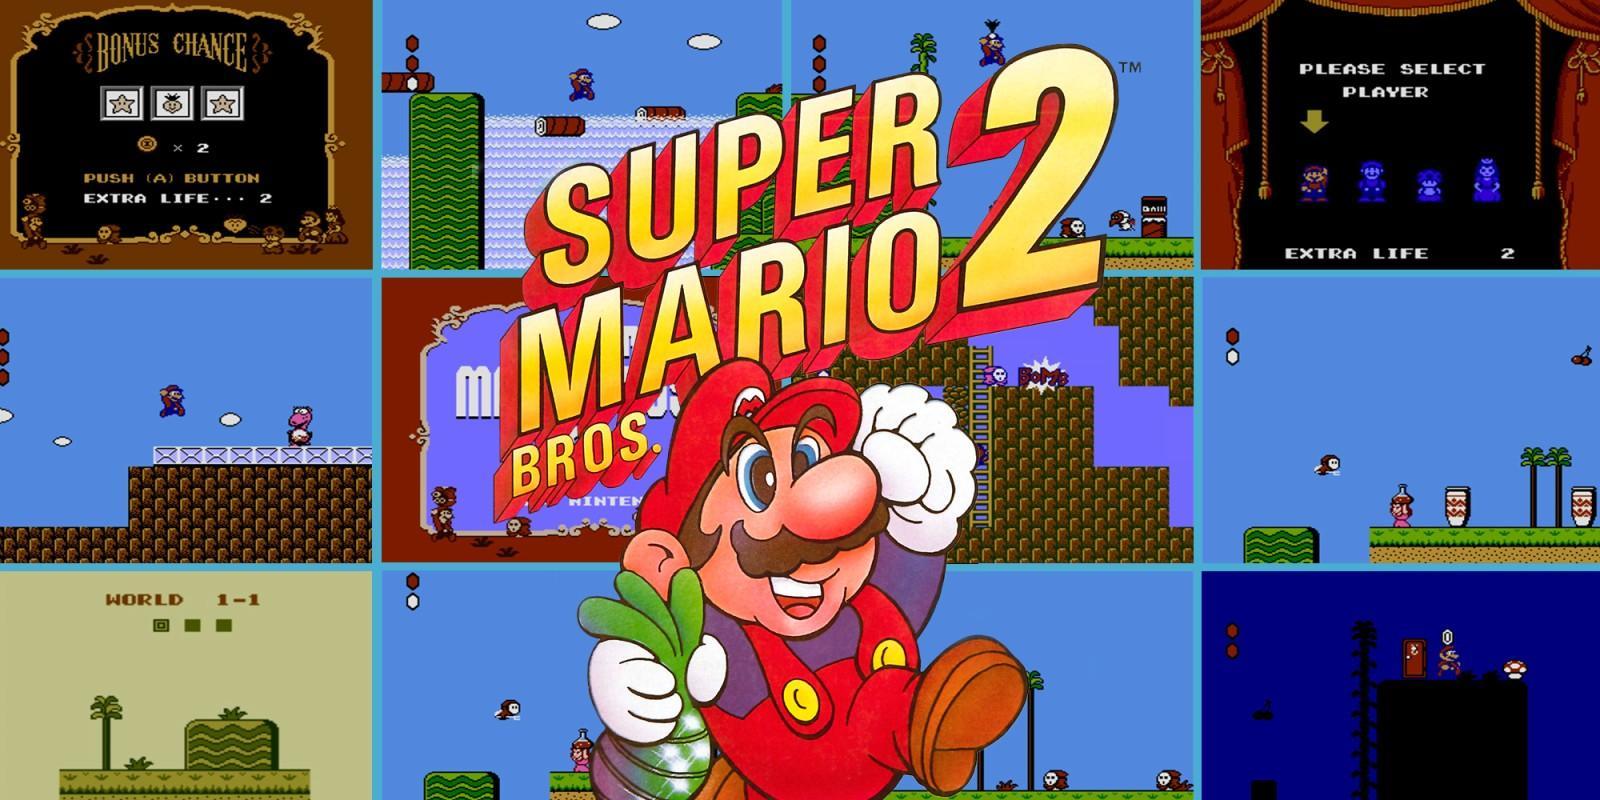 H2x1_NES_SuperMarioBros2_image1600w